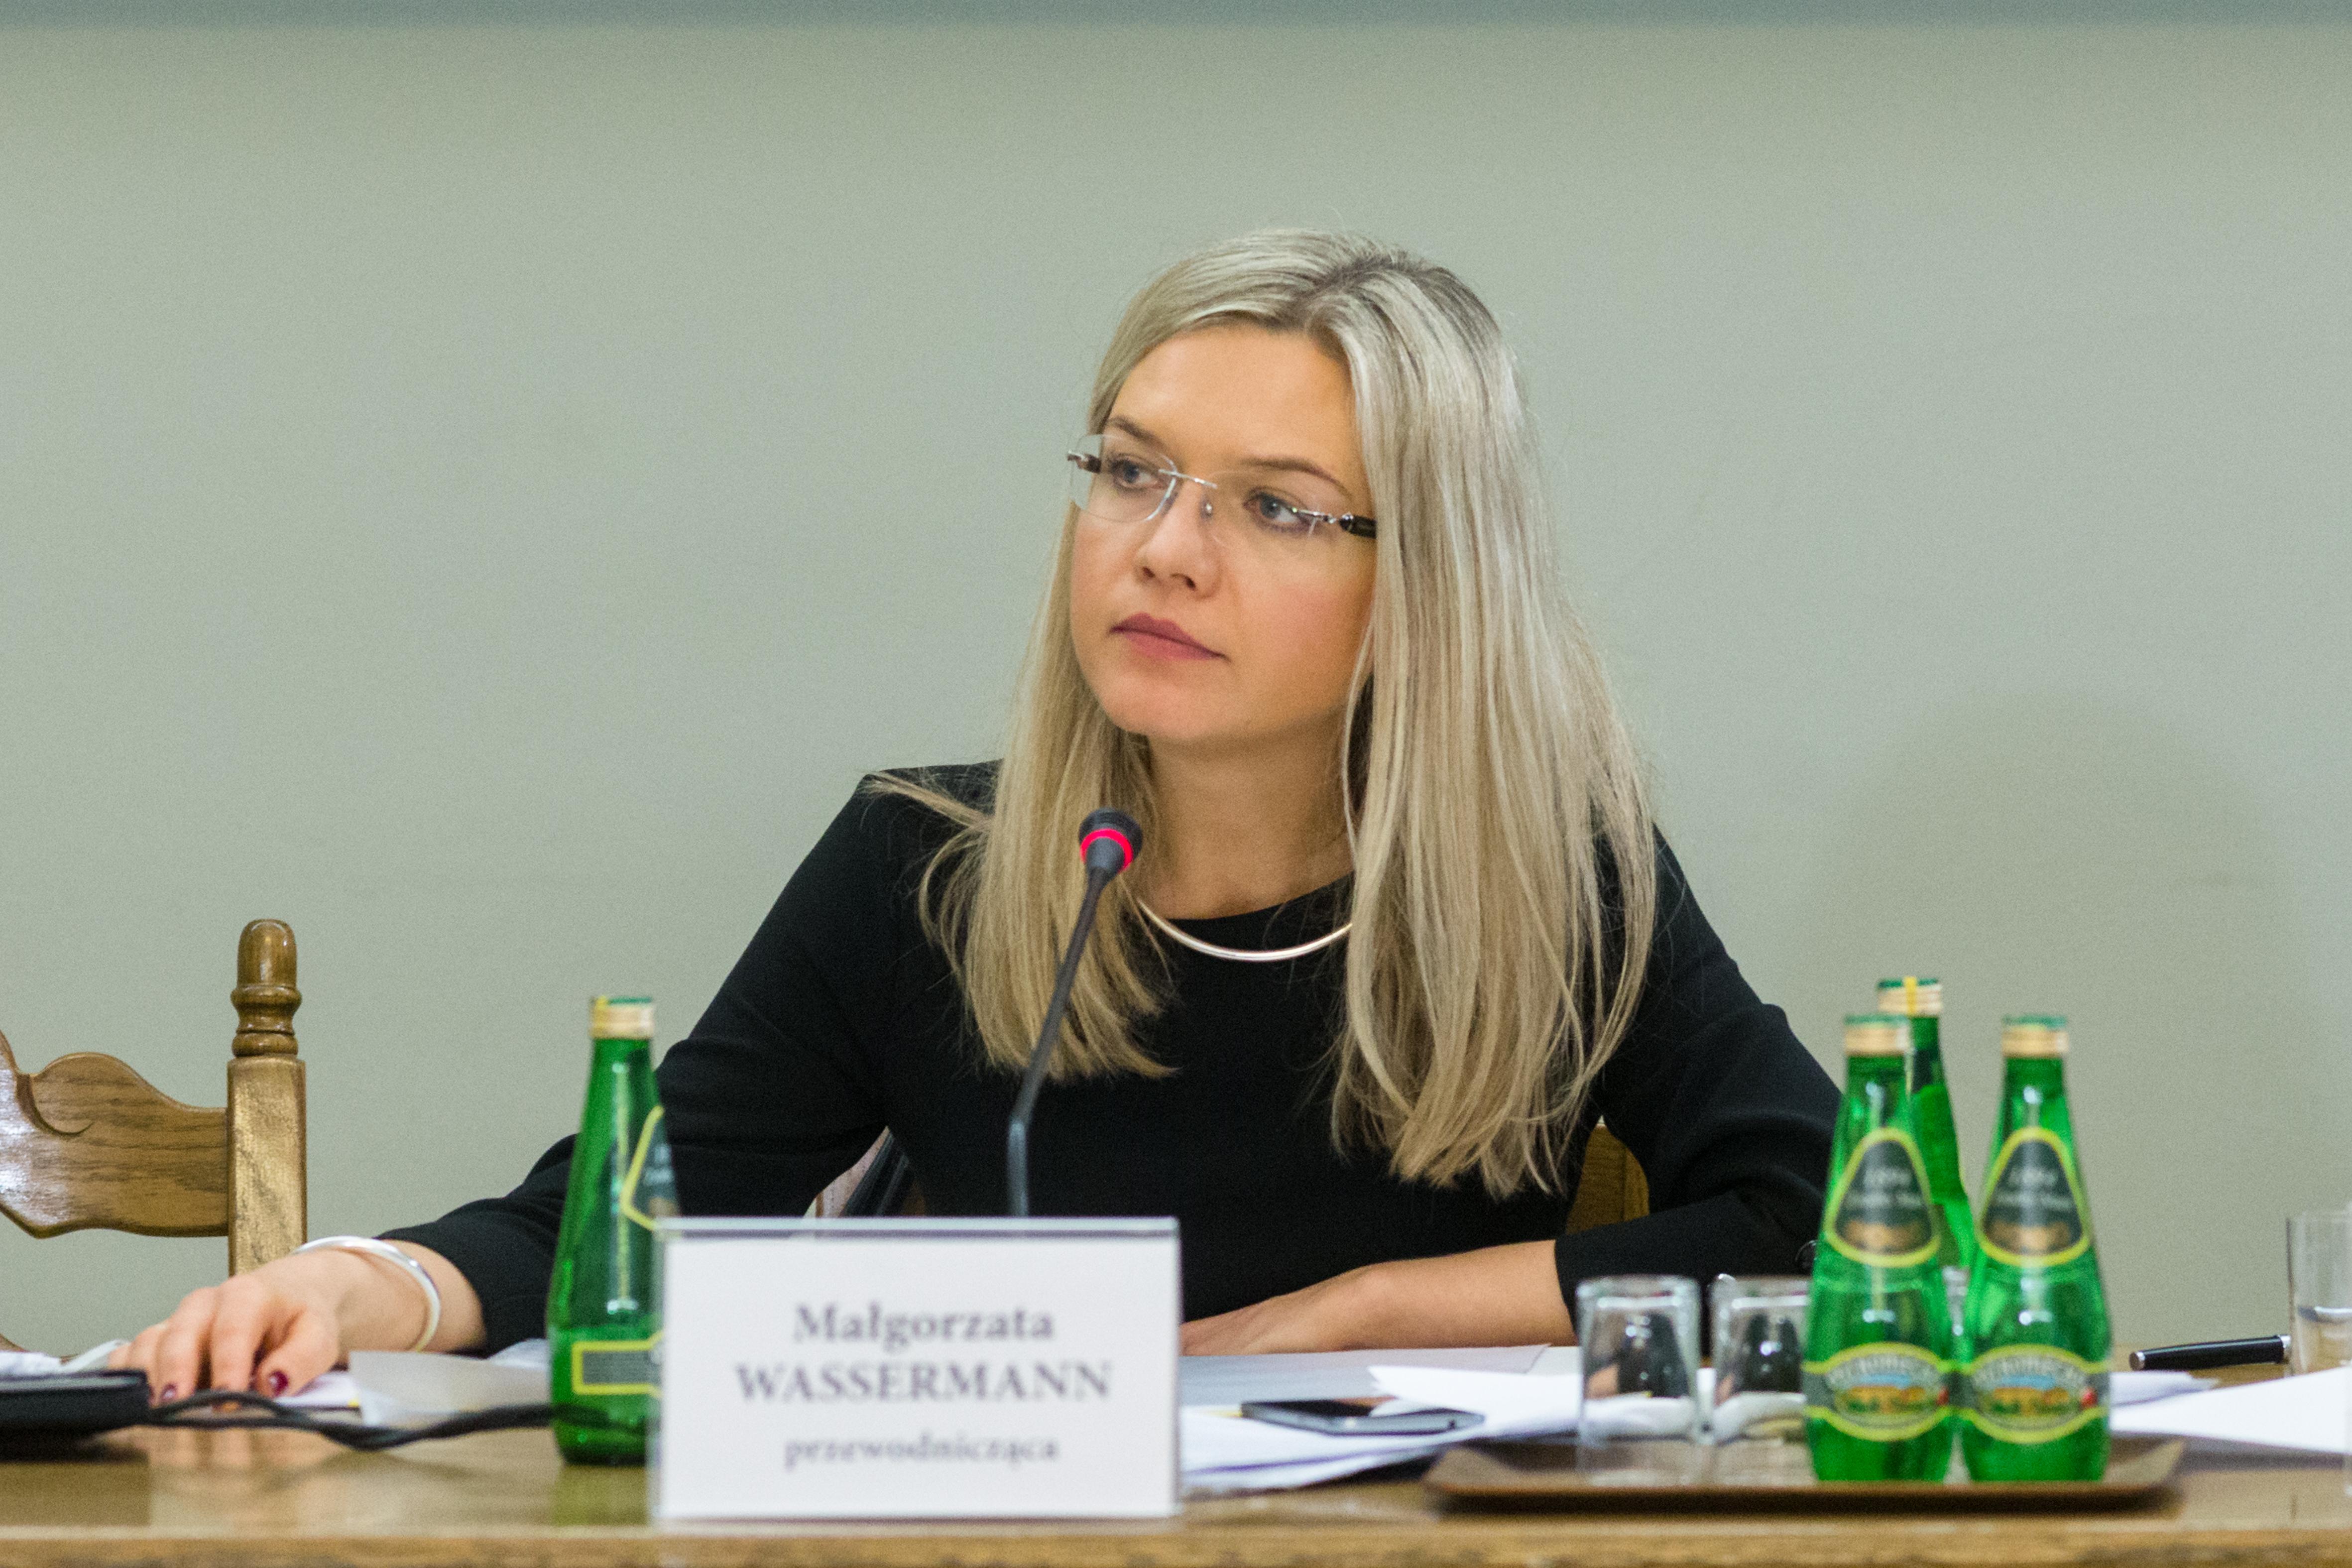 Amber Gold: Komisja zakończyła przesłuchanie b. szefa ABW gen. Bondaryka. Co zeznał?